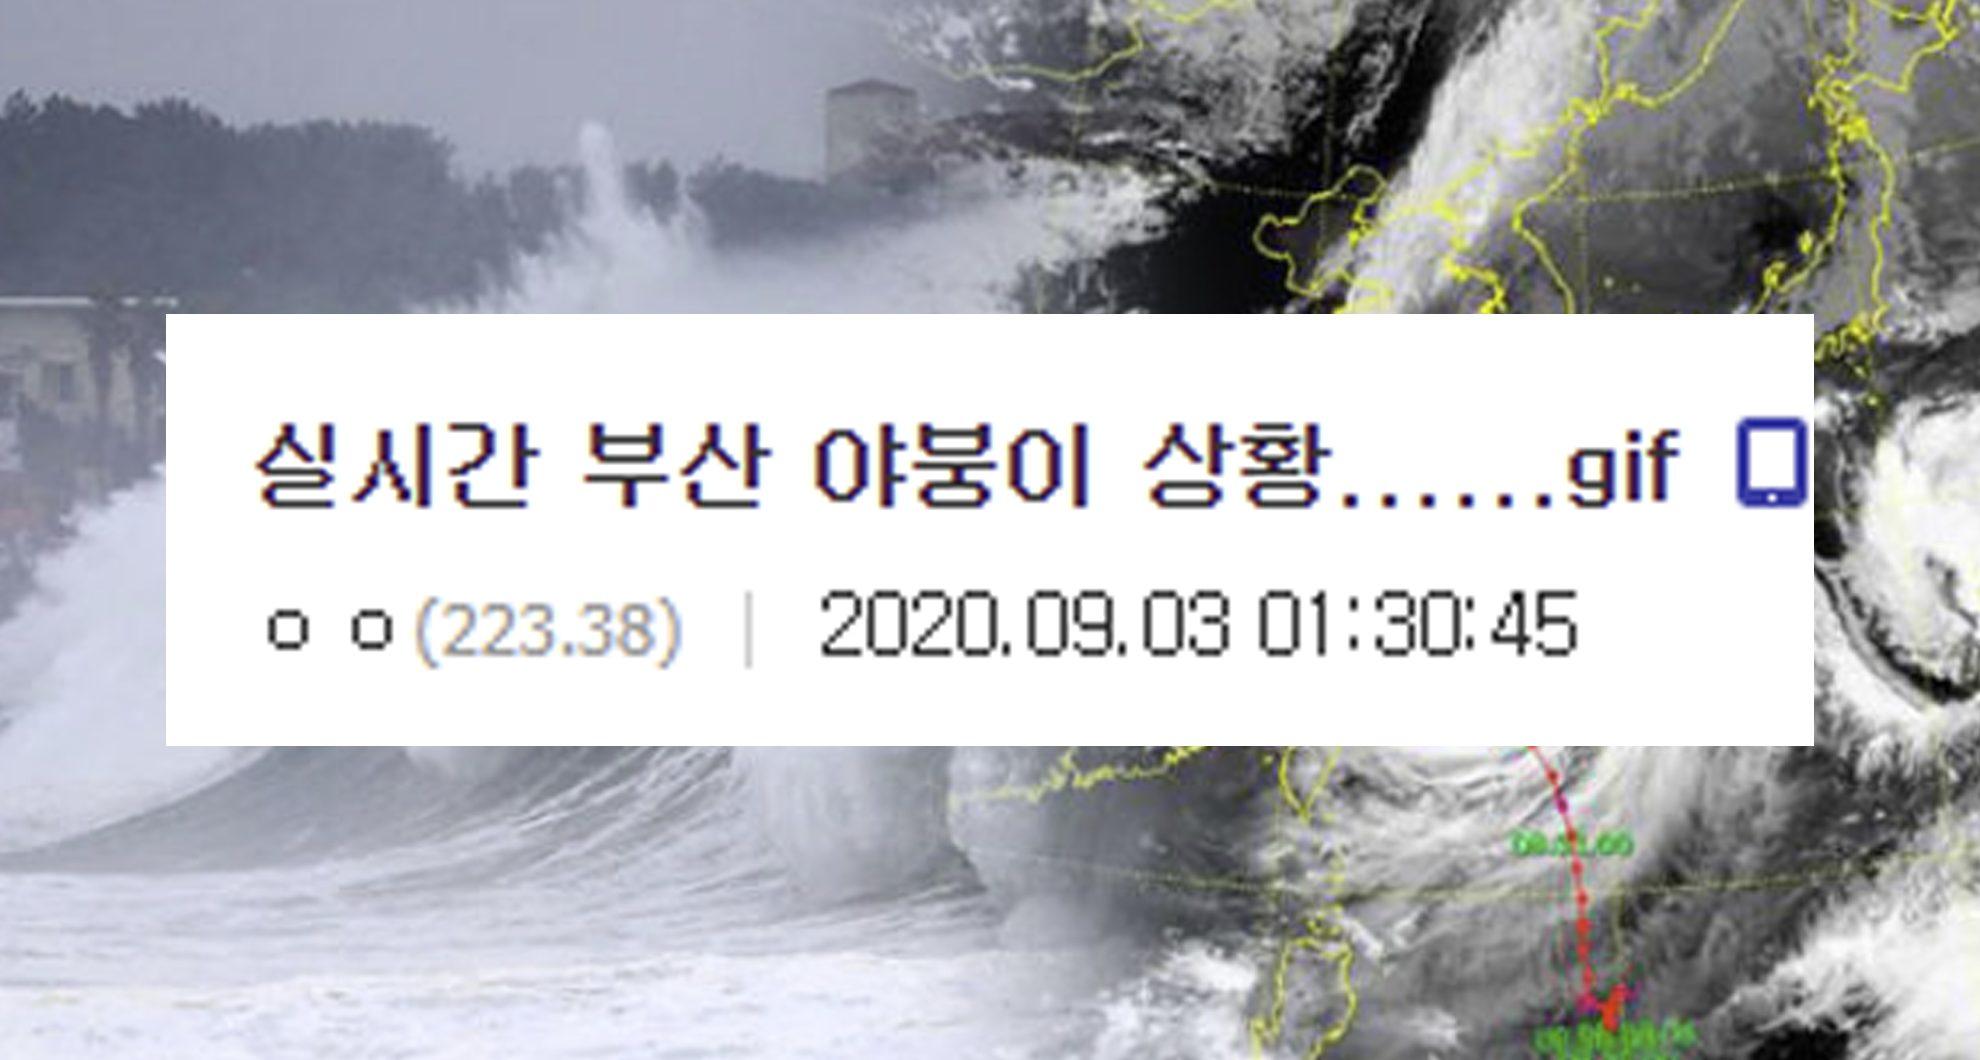 최근 한국 남부를 강타한 태풍 '마이삭' 근황….ㄷㄷㄷㄷㄷ